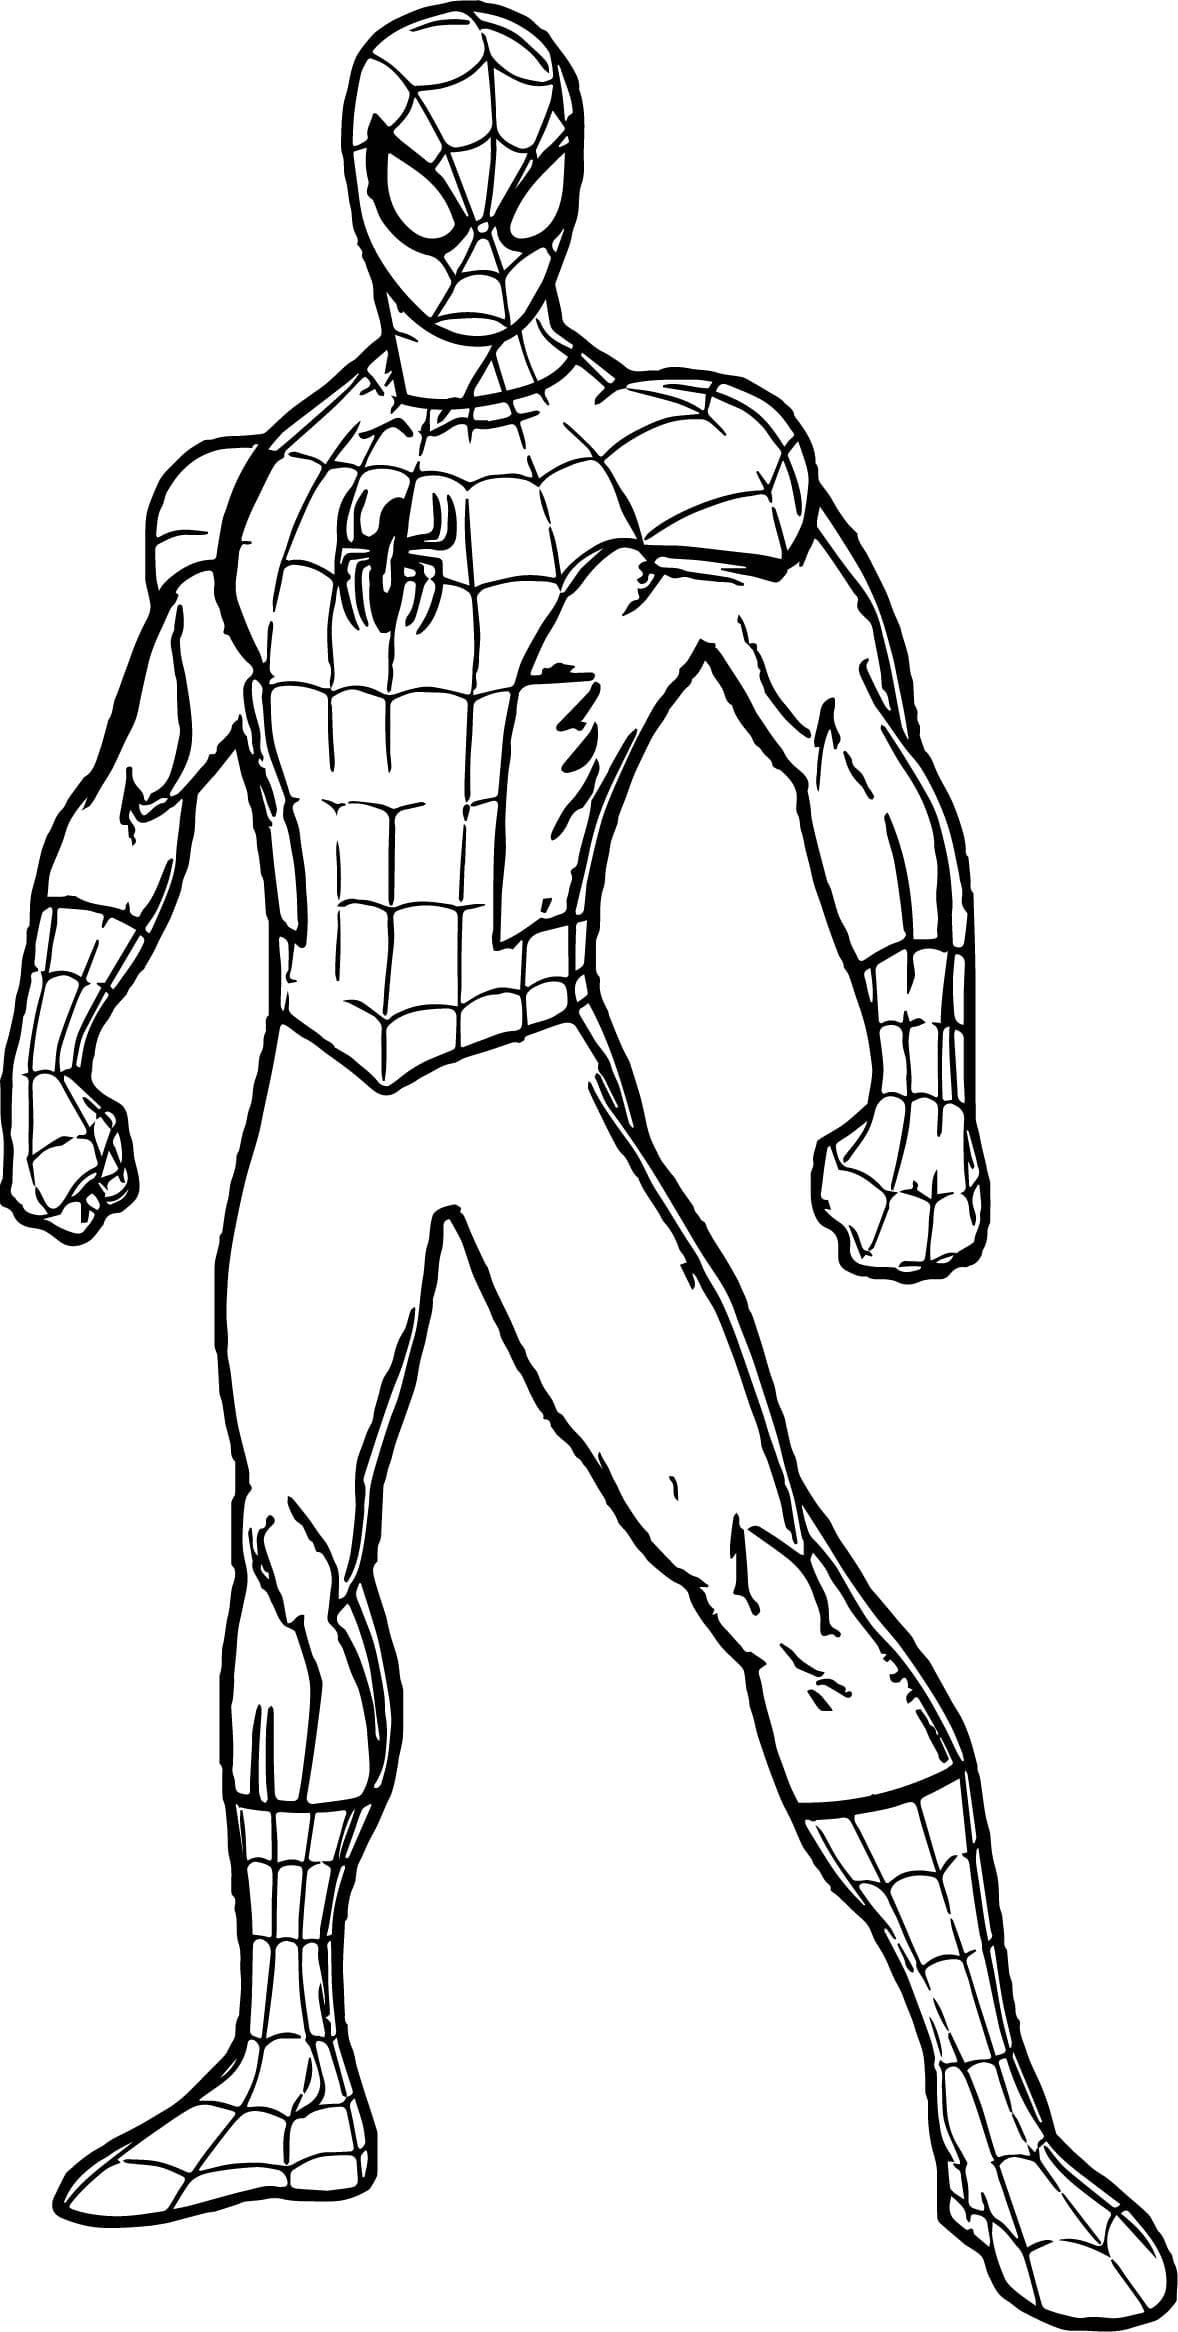 Раскраска человека паука для детей